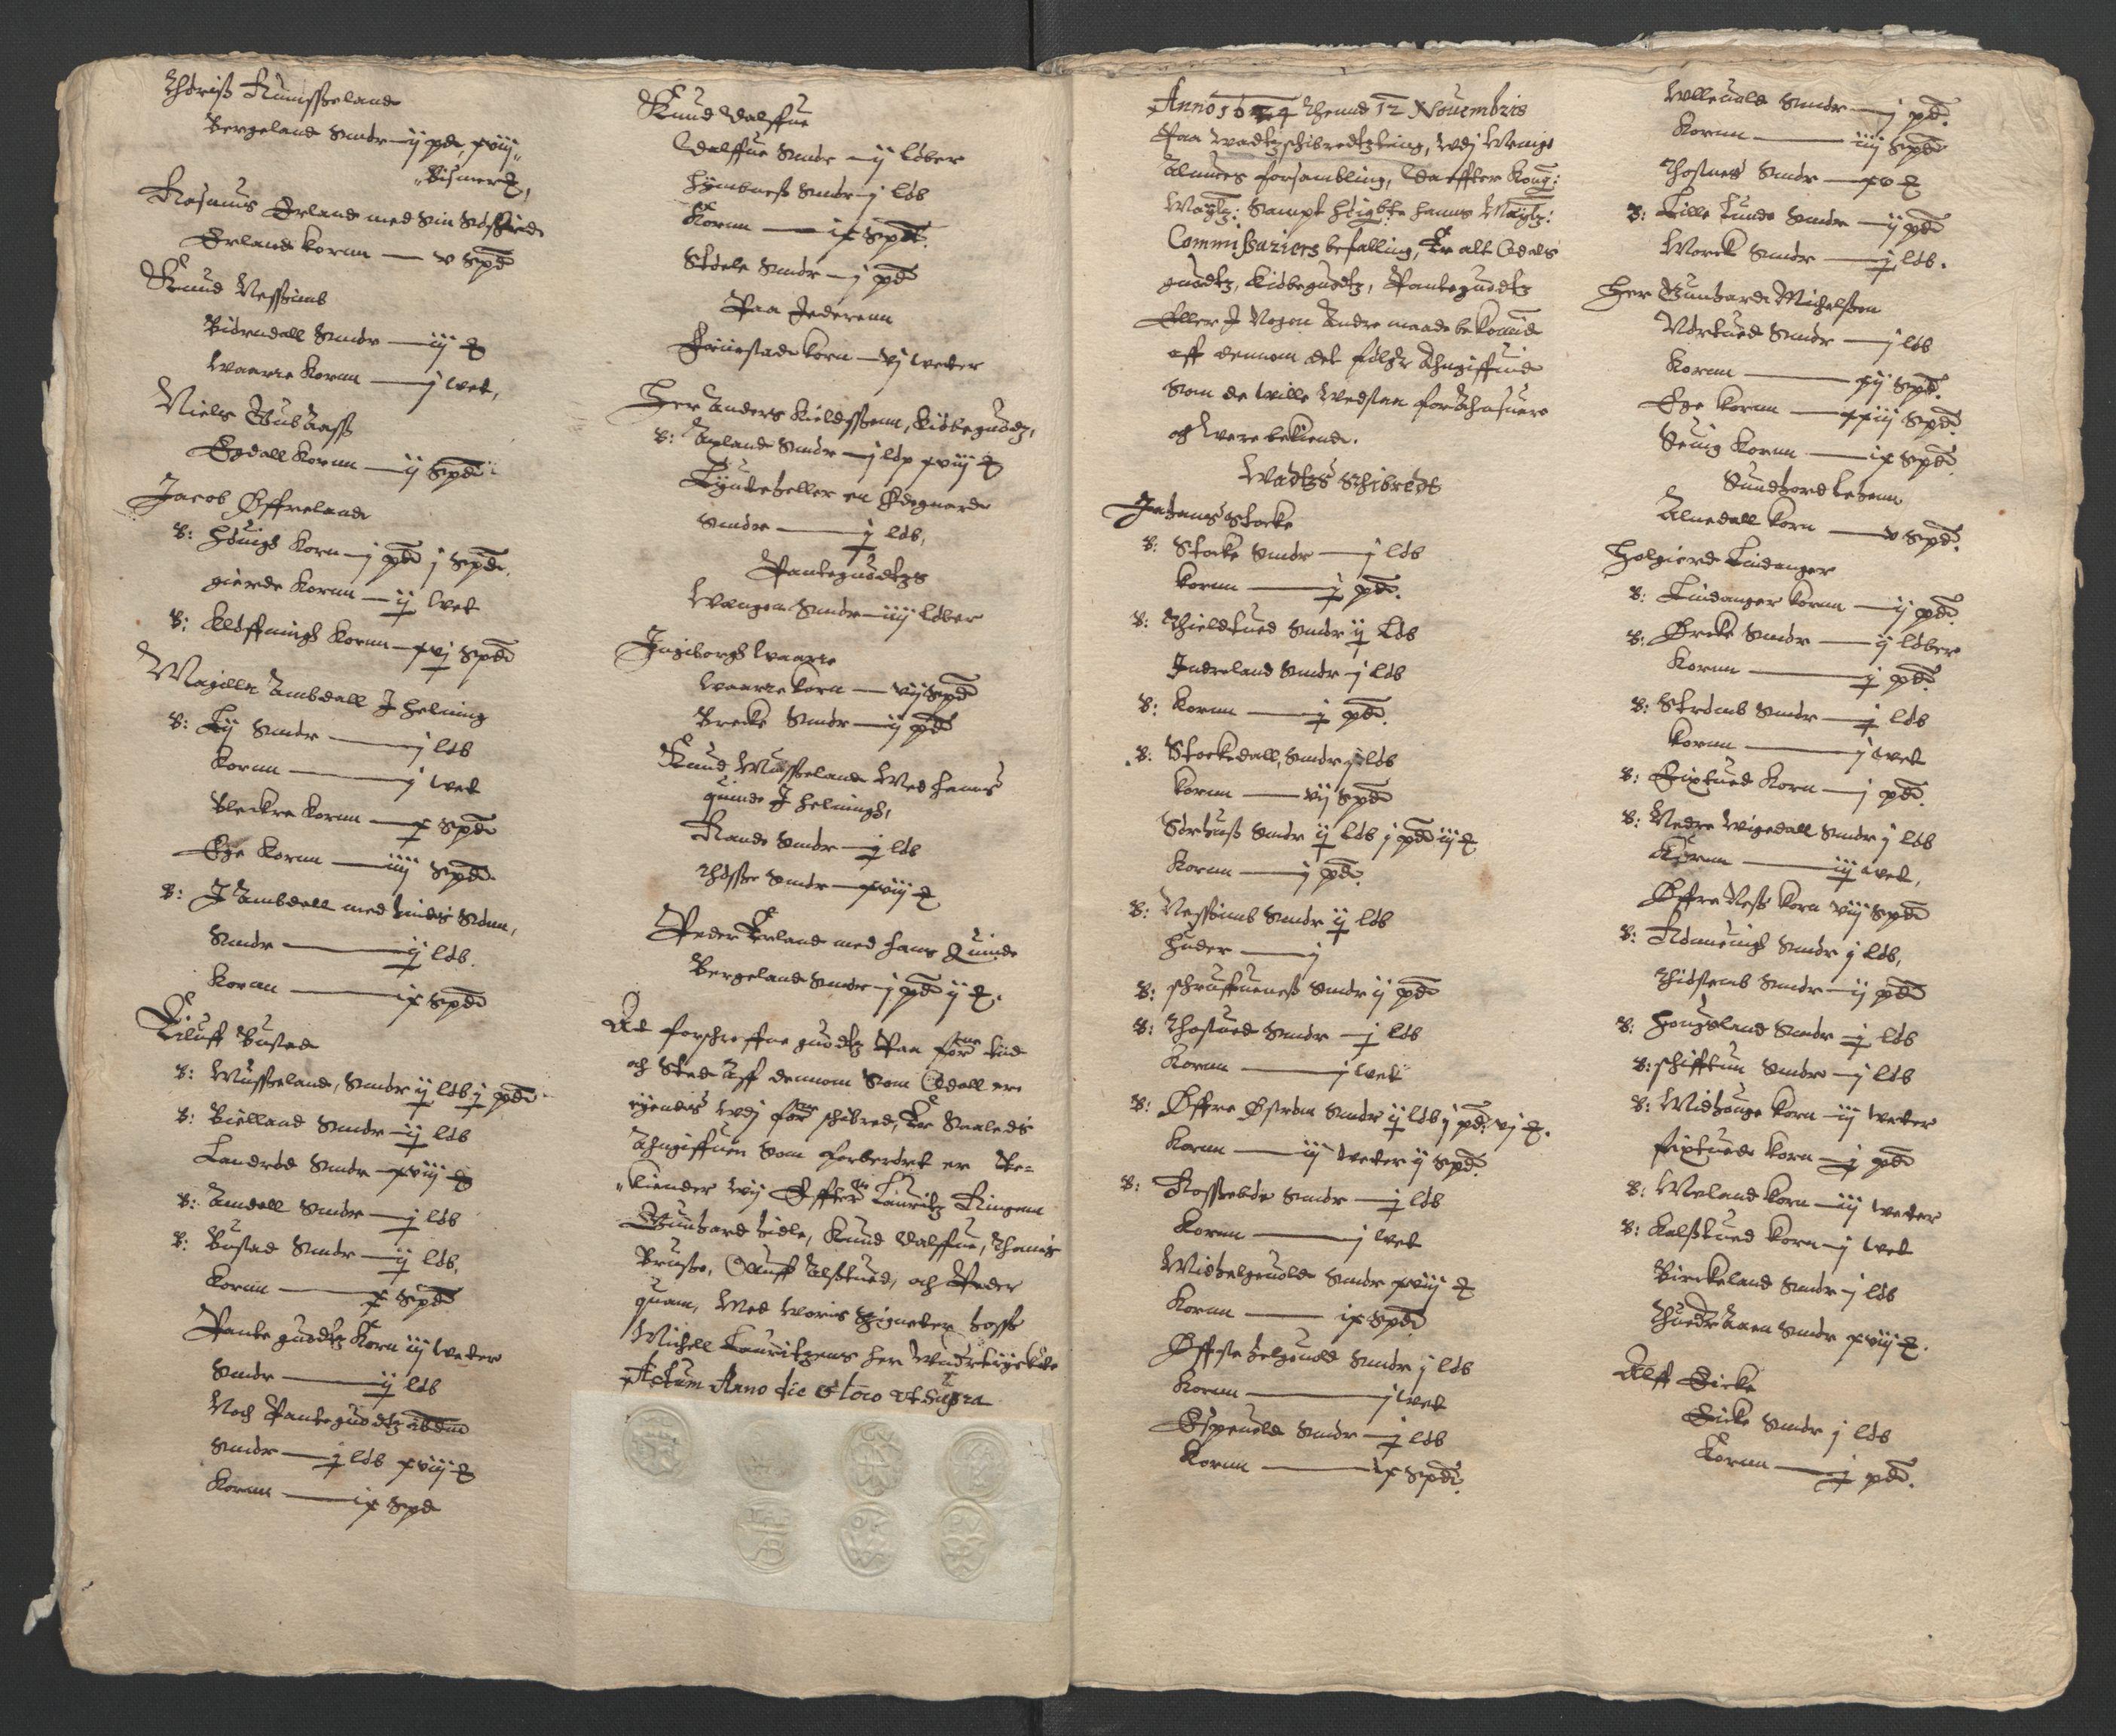 RA, Stattholderembetet 1572-1771, Ek/L0010: Jordebøker til utlikning av rosstjeneste 1624-1626:, 1624-1626, s. 14